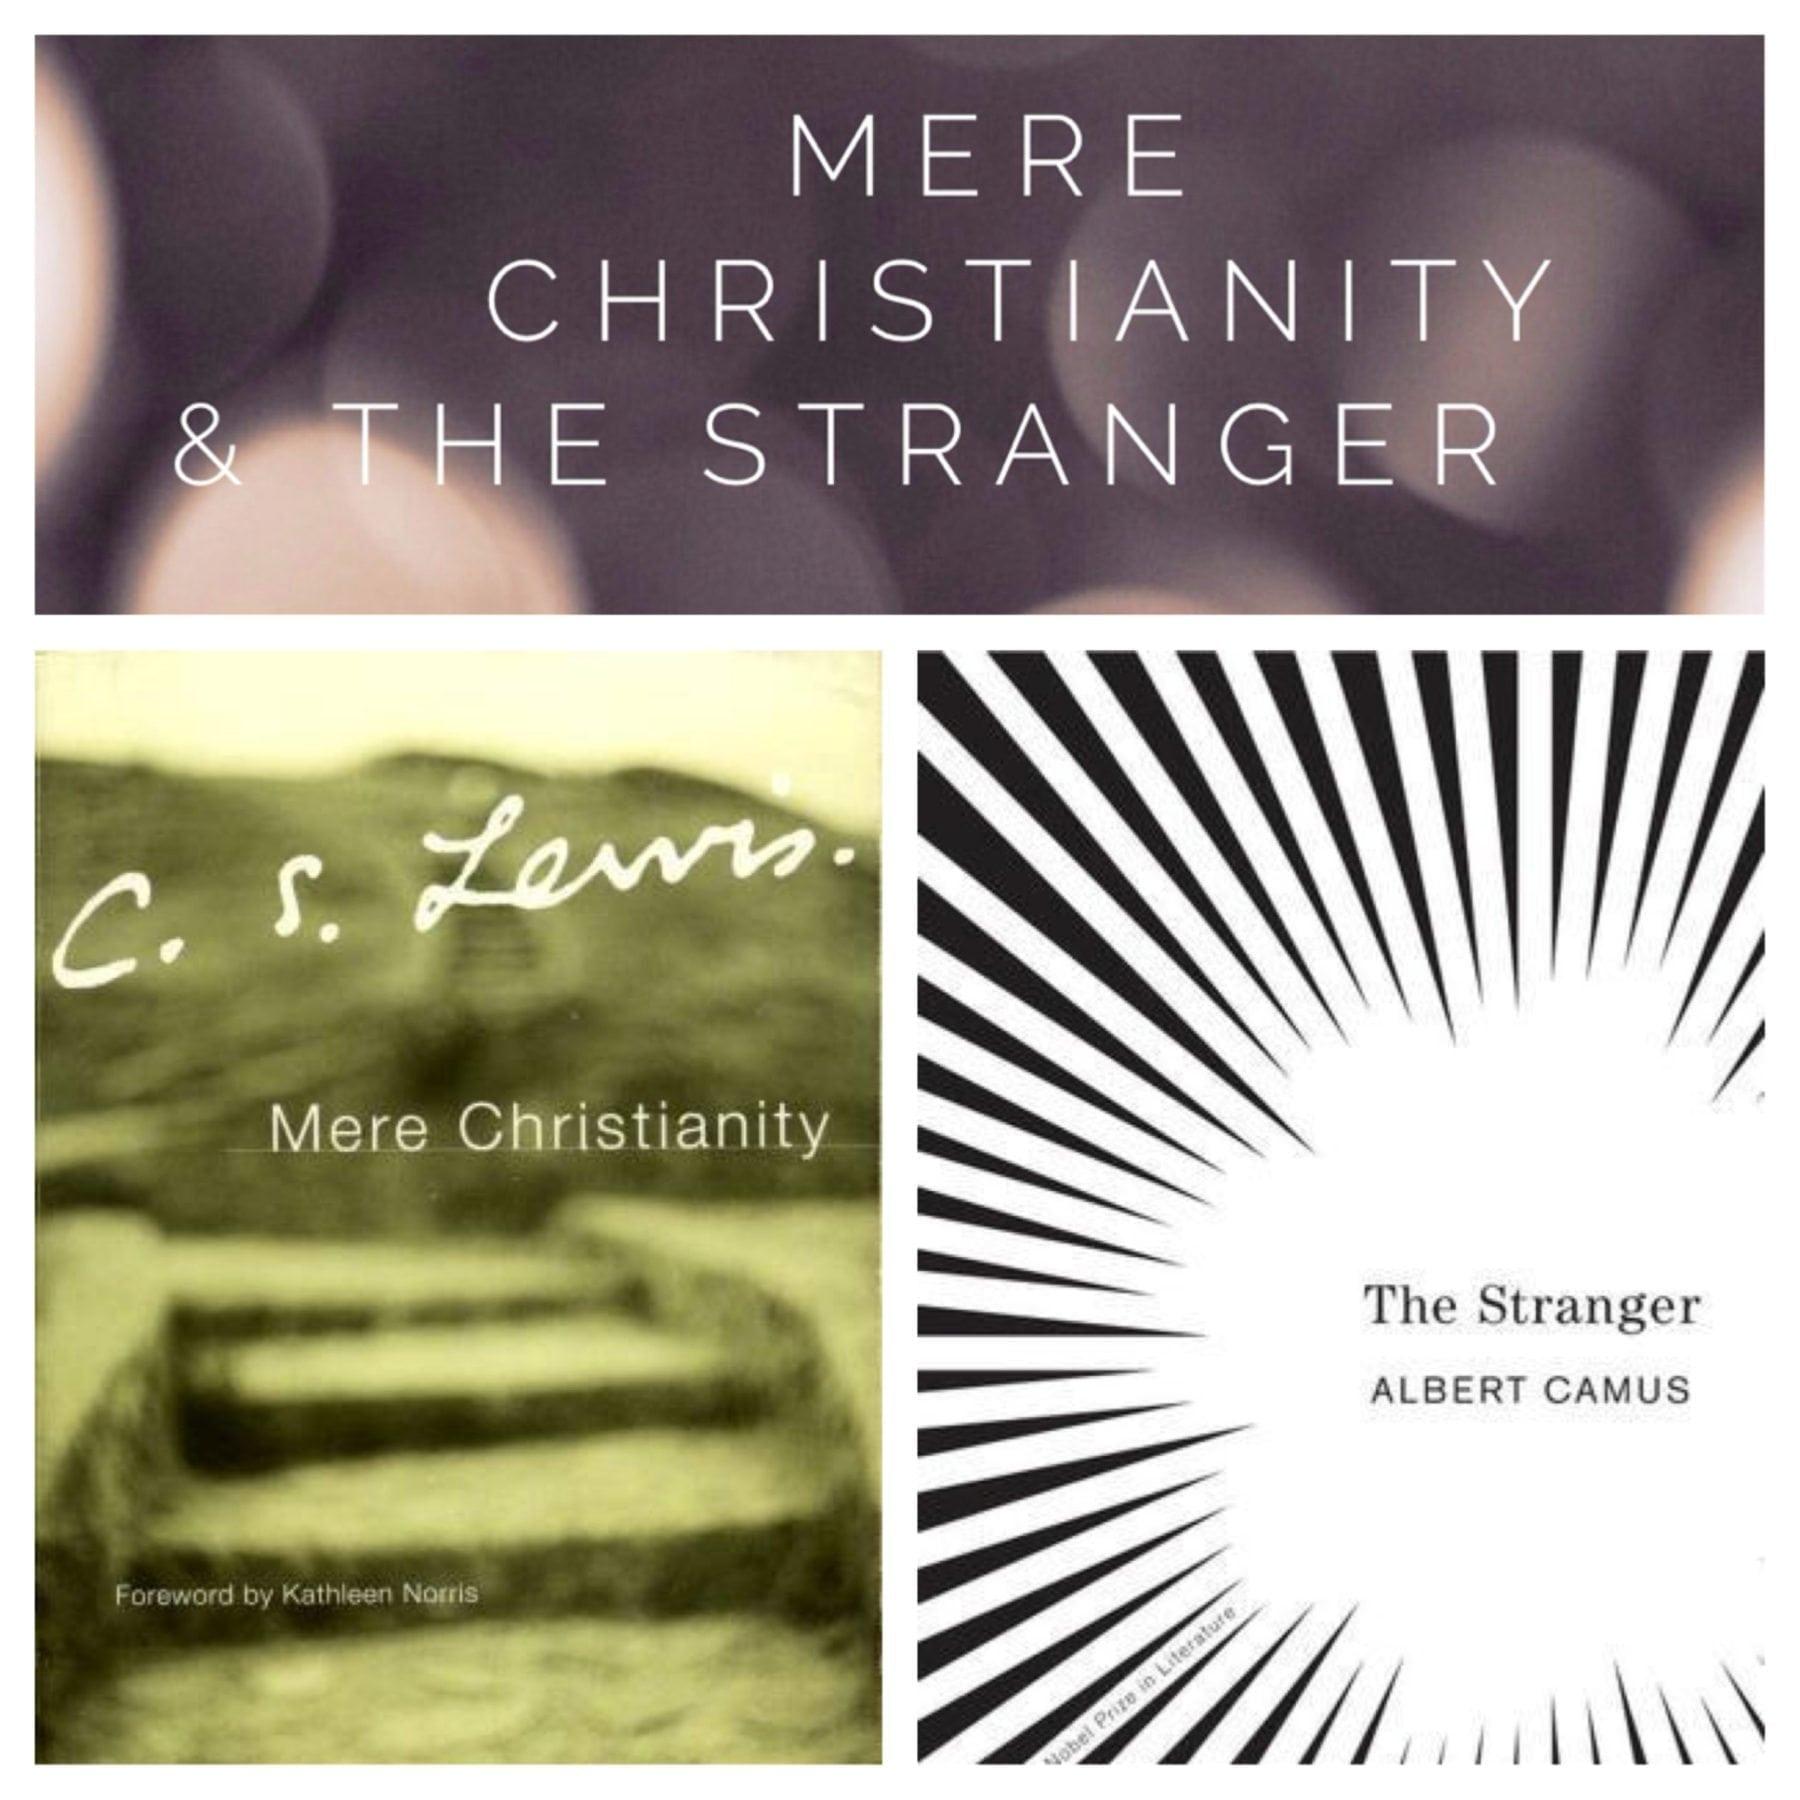 Mere Christianity & The Stranger